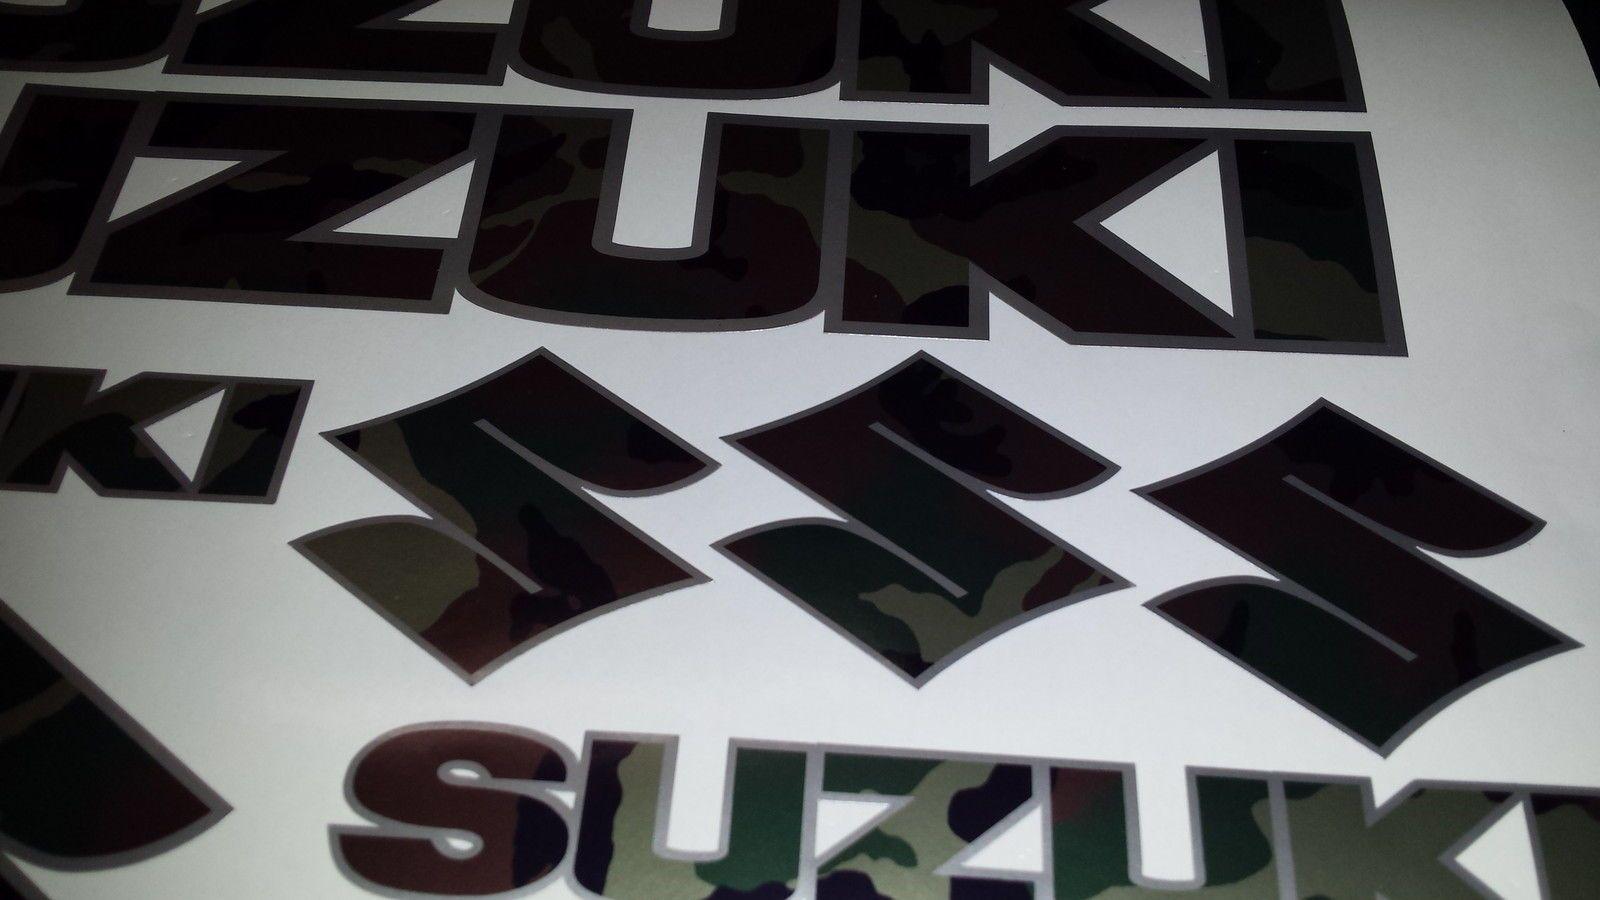 Suzuki Stickers Cammo Amp Silver Gsx Vstrom Bandit Gsf Dr Dl